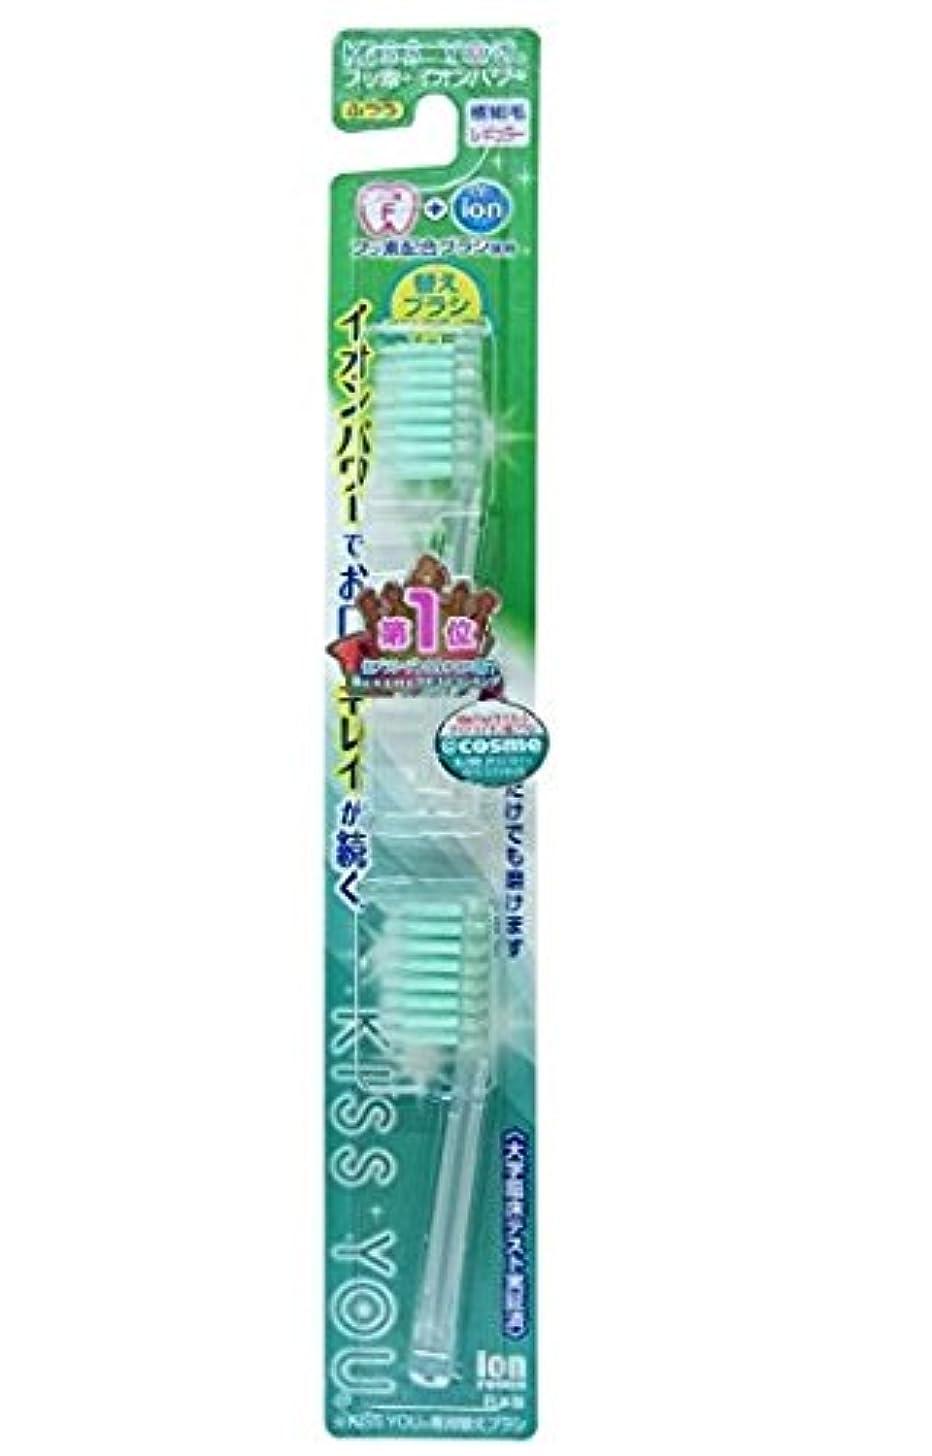 競合他社選手解体するリークフッ素イオン歯ブラシ極細レギュラー替えブラシふつう × 5個セット